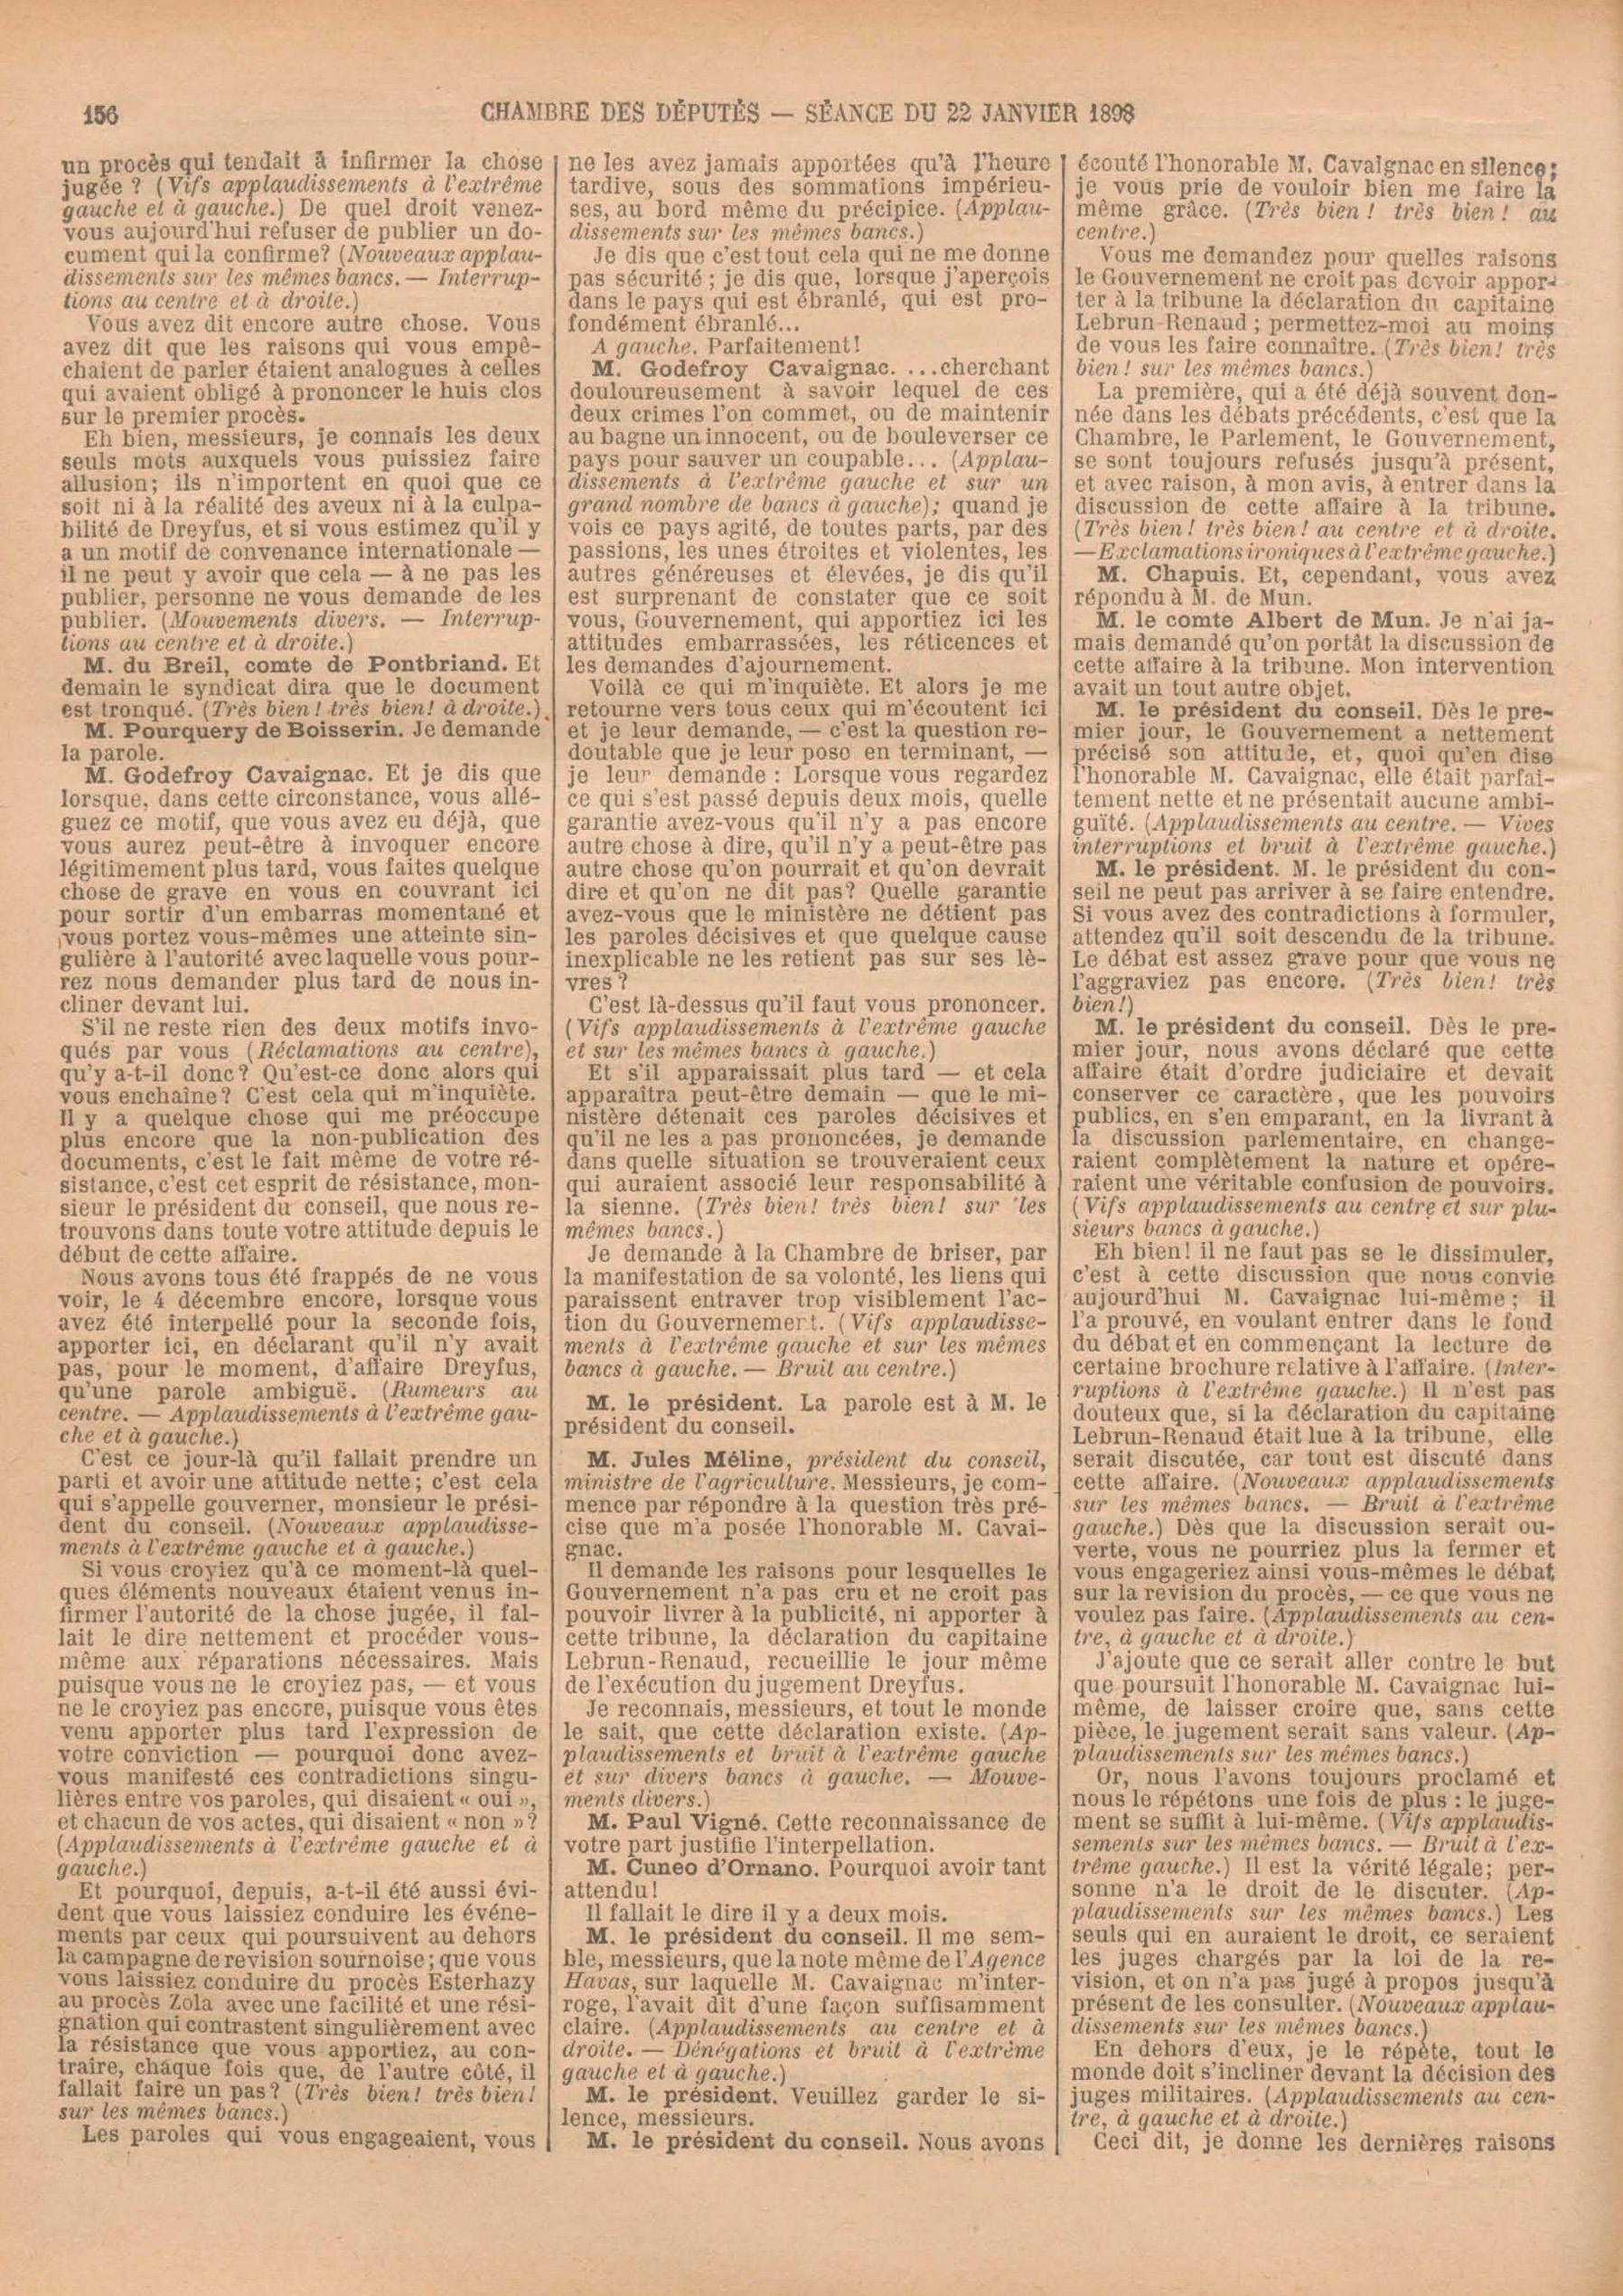 http://expo-paulviollet.univ-paris1.fr/wp-content/uploads/2017/09/Journal_officiel_de_la_République_séance-du-samedi-22-janvier-1898_Page_2.jpg